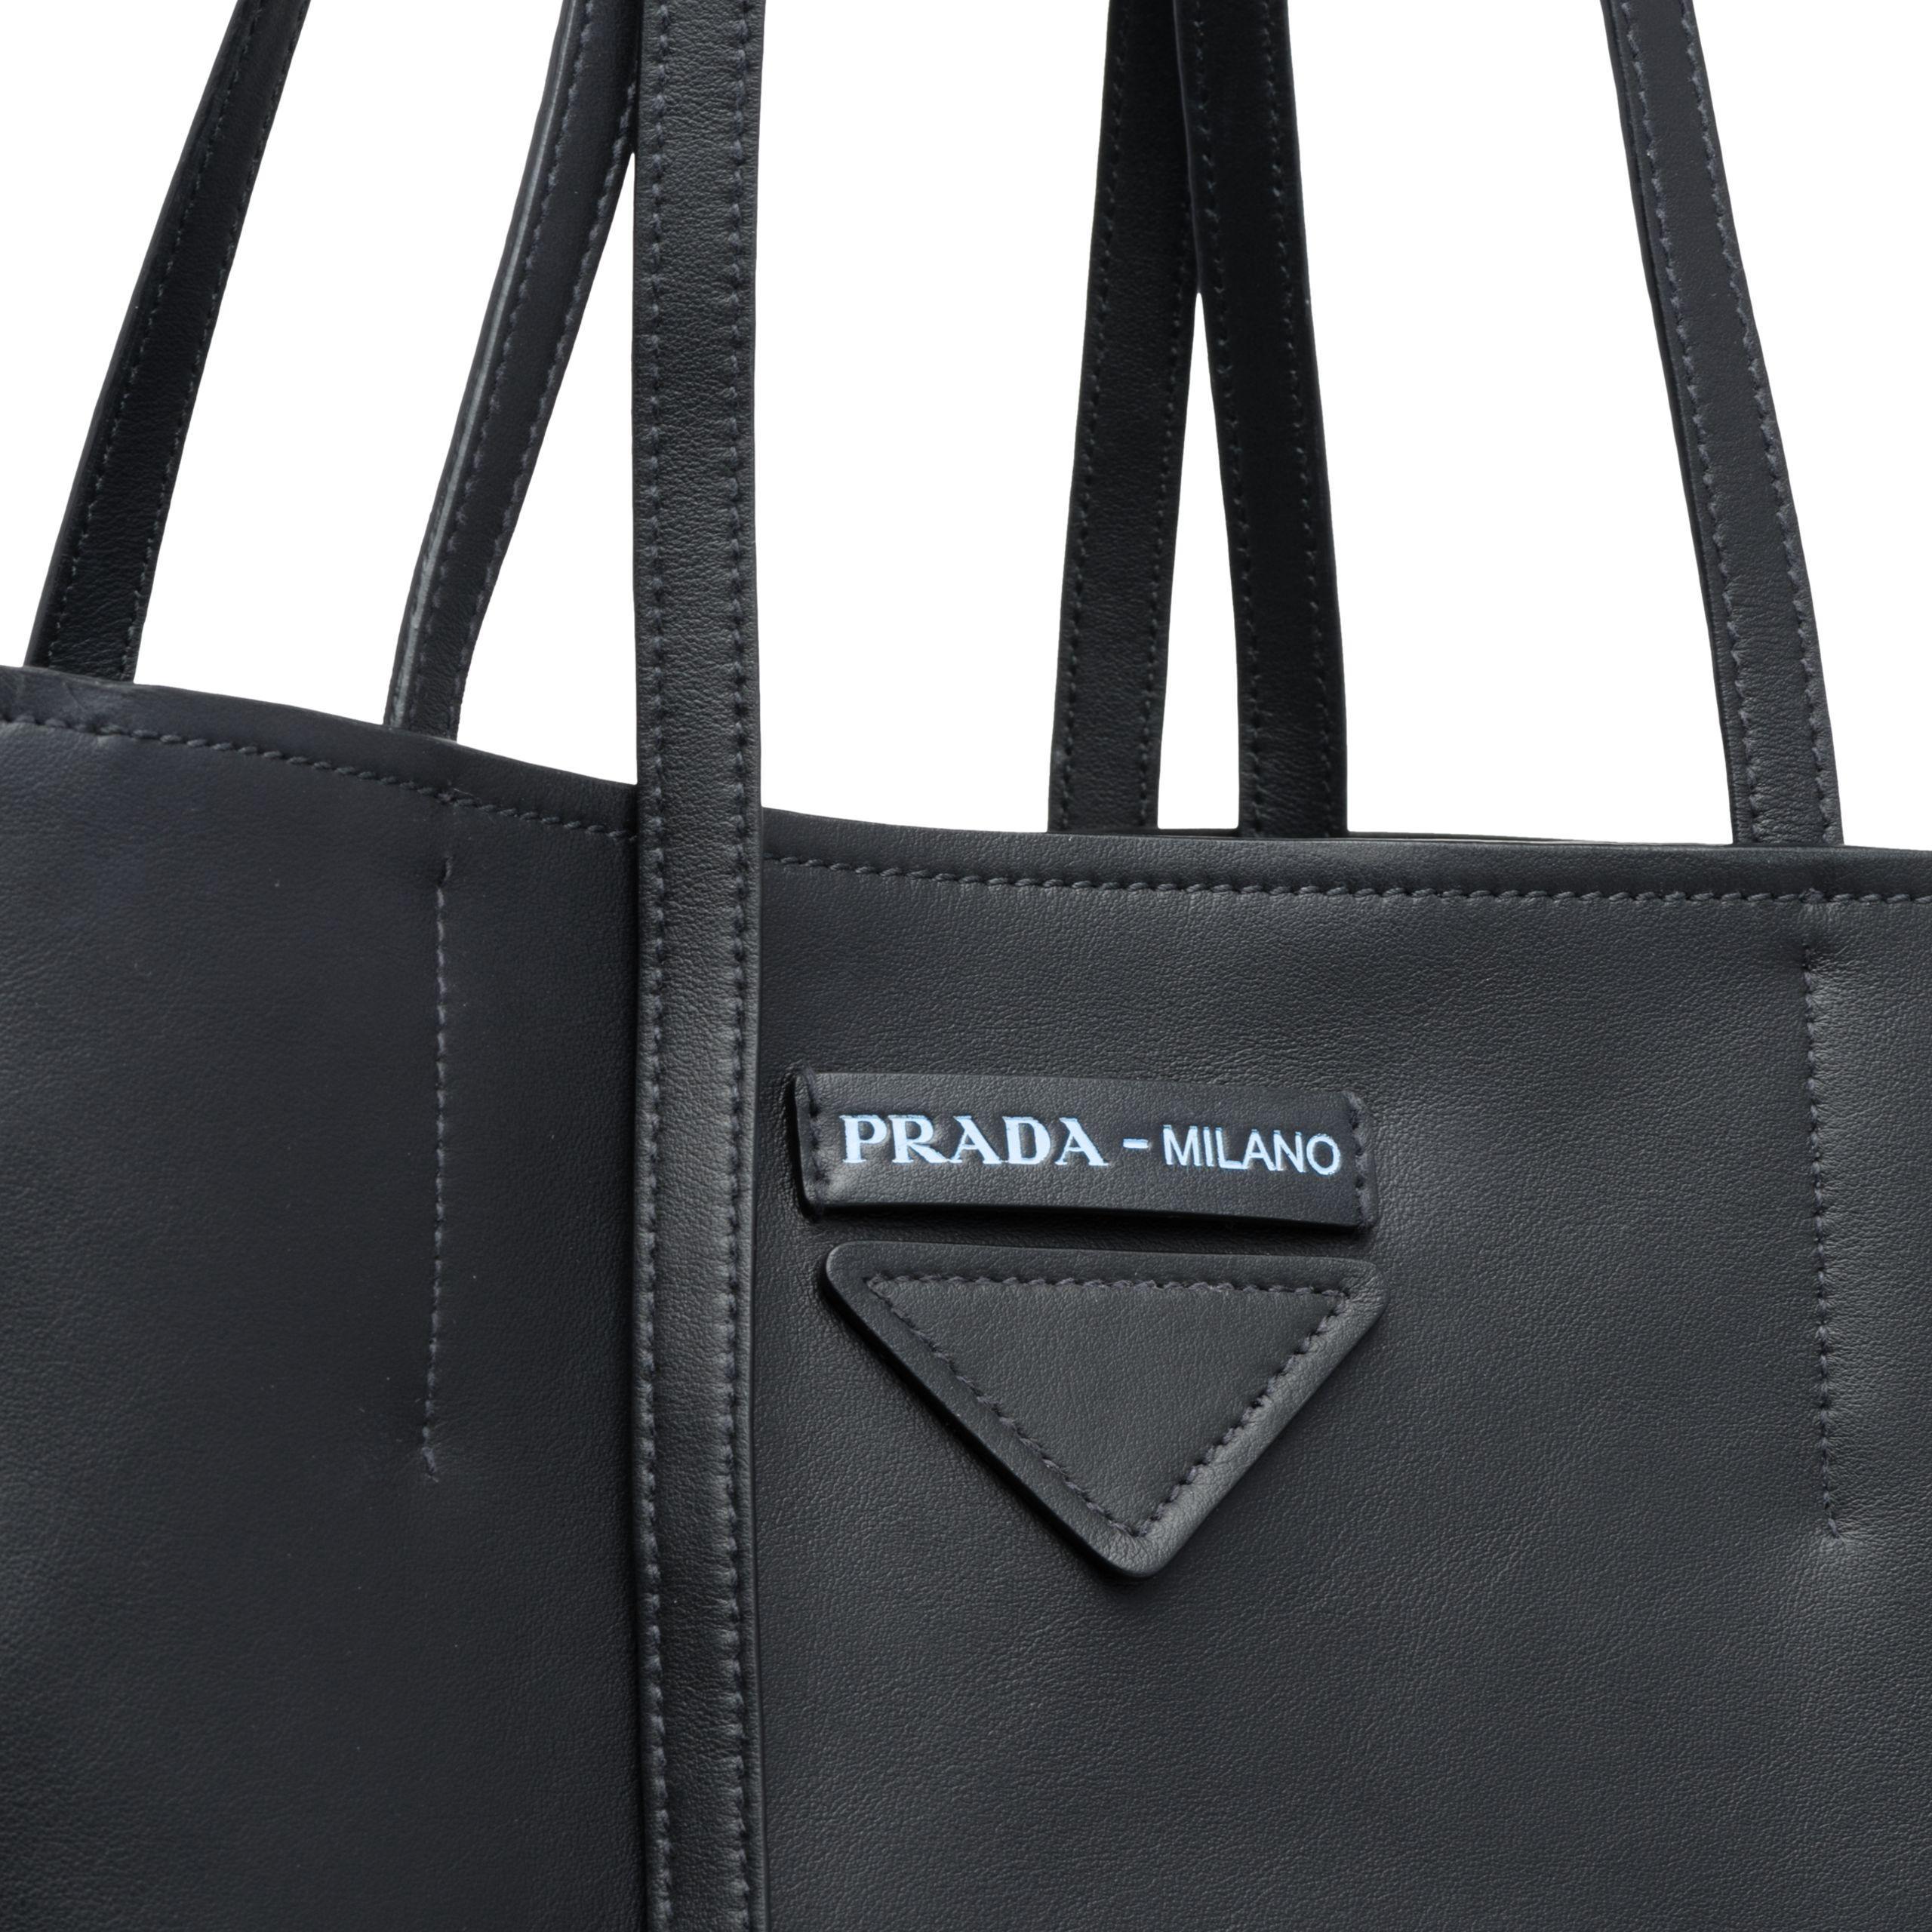 03d42c196562 Prada Concept Medium Leather Tote in Black - Lyst